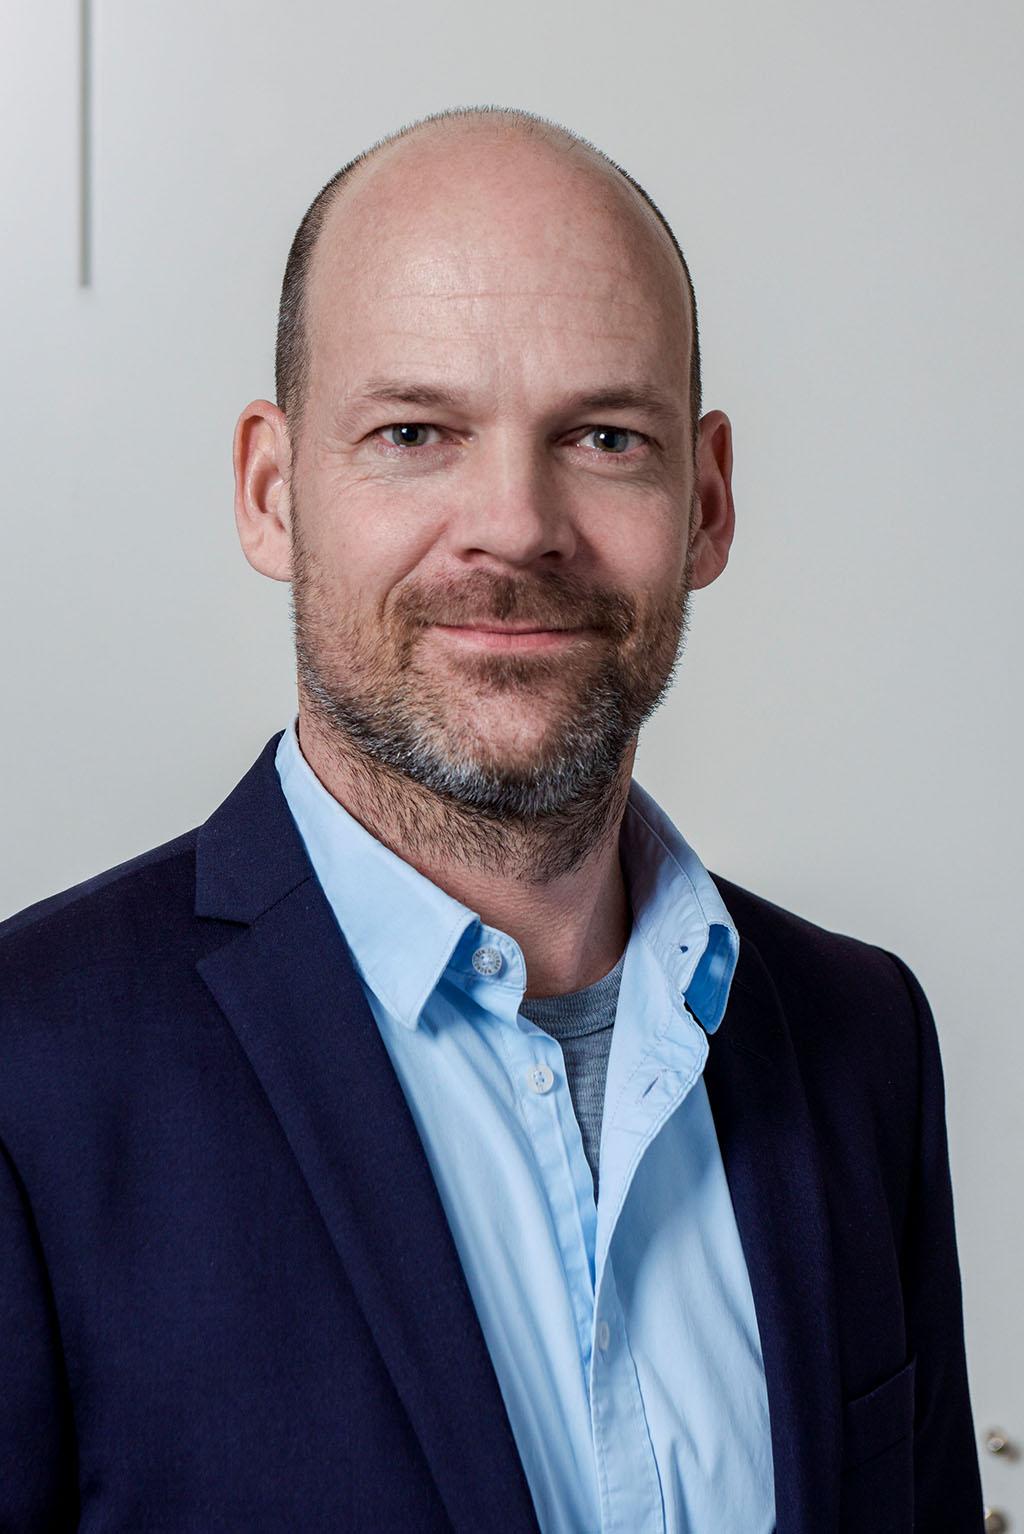 Andreas Klapper neu bei ARRI Media in Köln